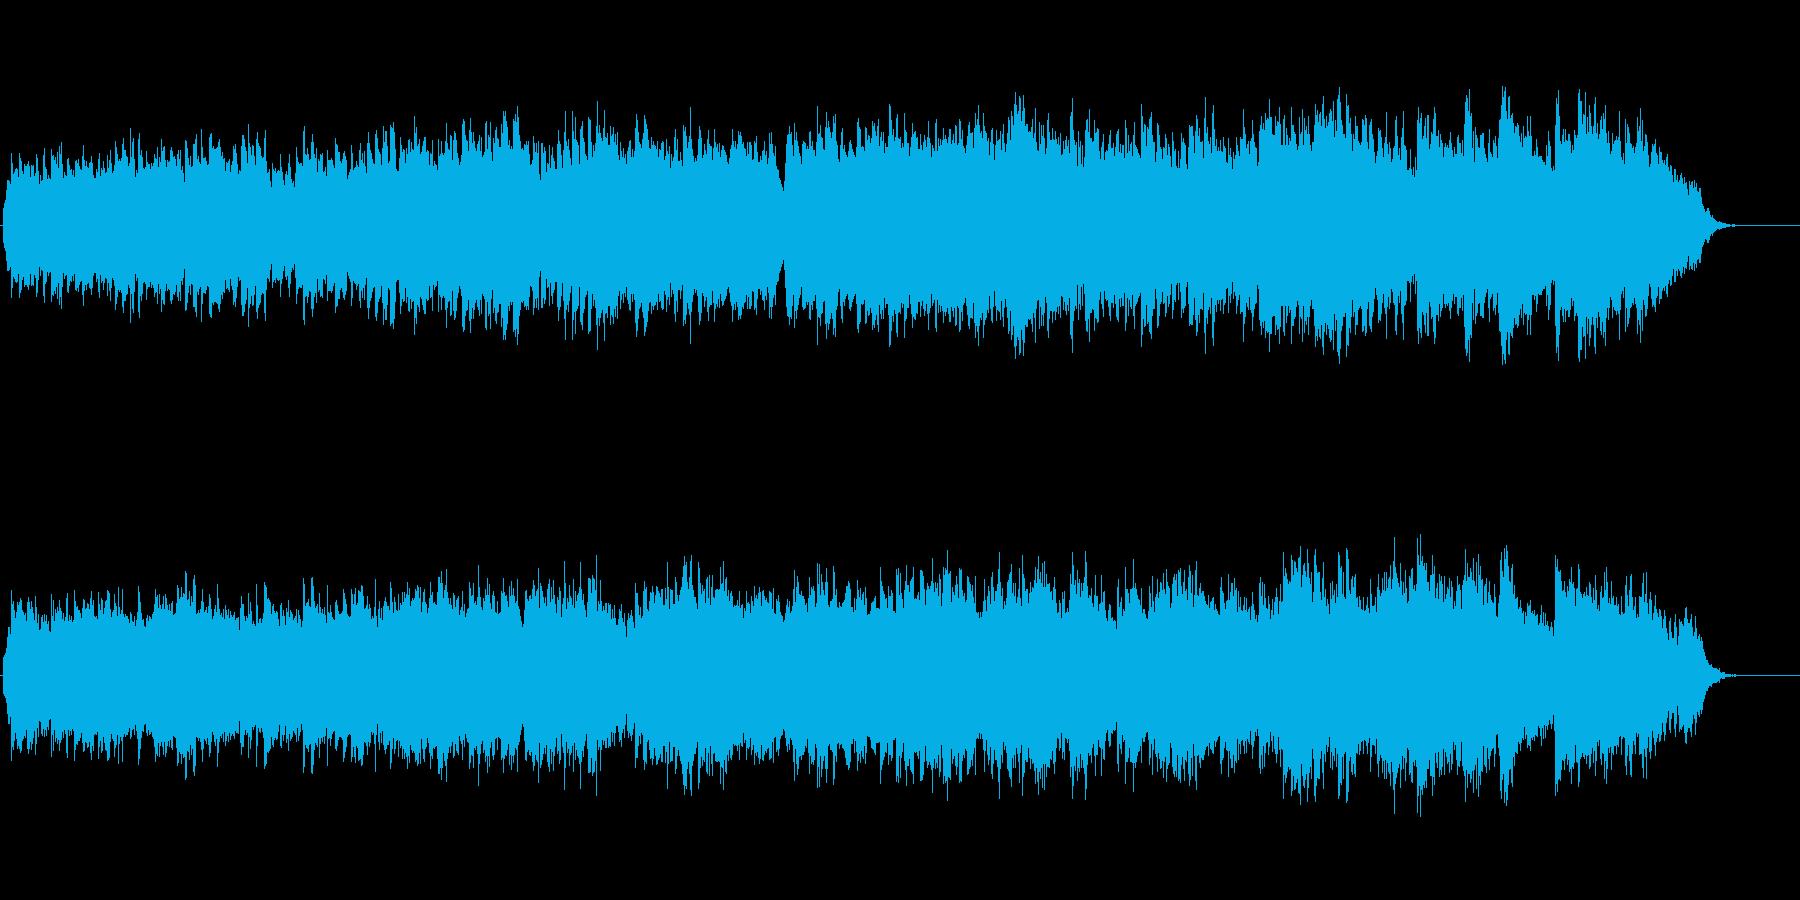 爽やかでほのぼのしたピアノとフルート曲の再生済みの波形